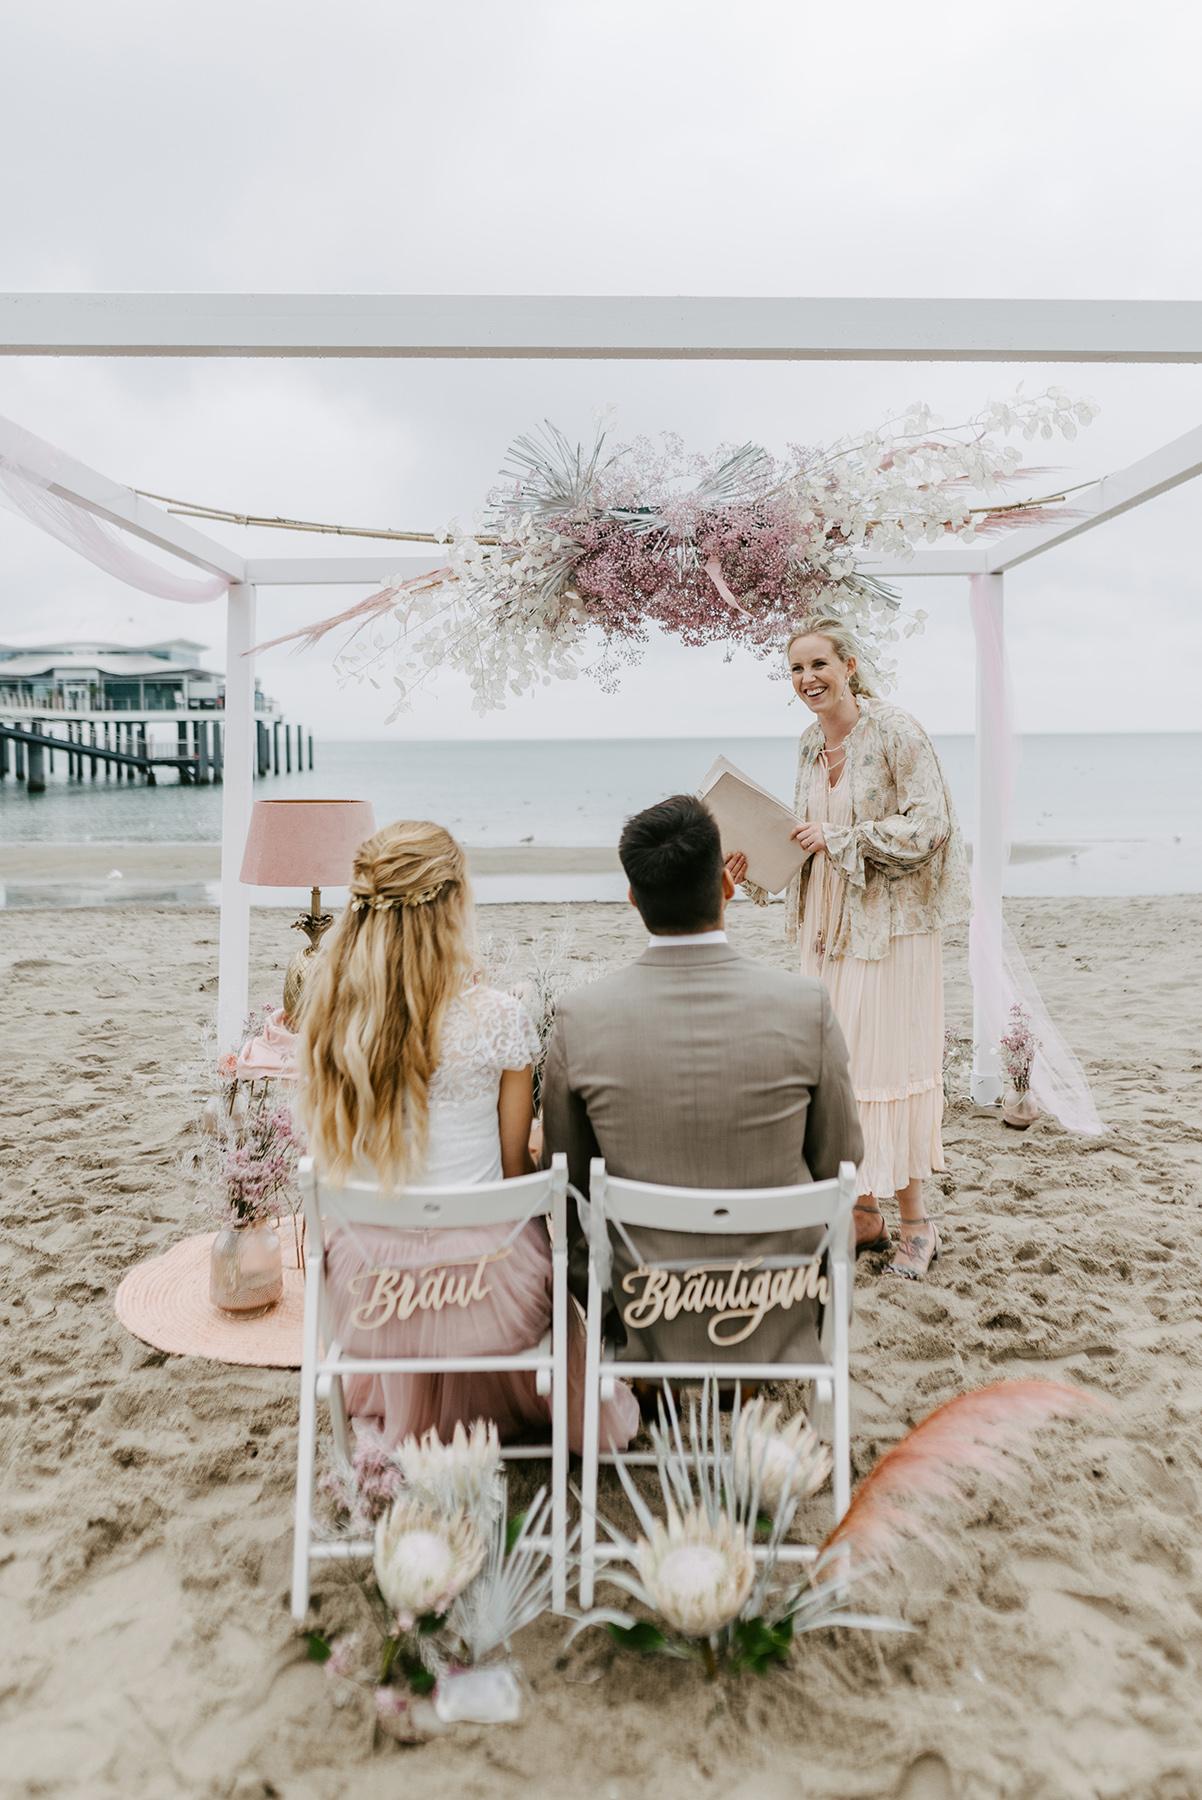 Heiraten an der Ostsee, Stuhlschild Braut Bräutigam Hochzeit, Trauung Dekoration Stuhldeko